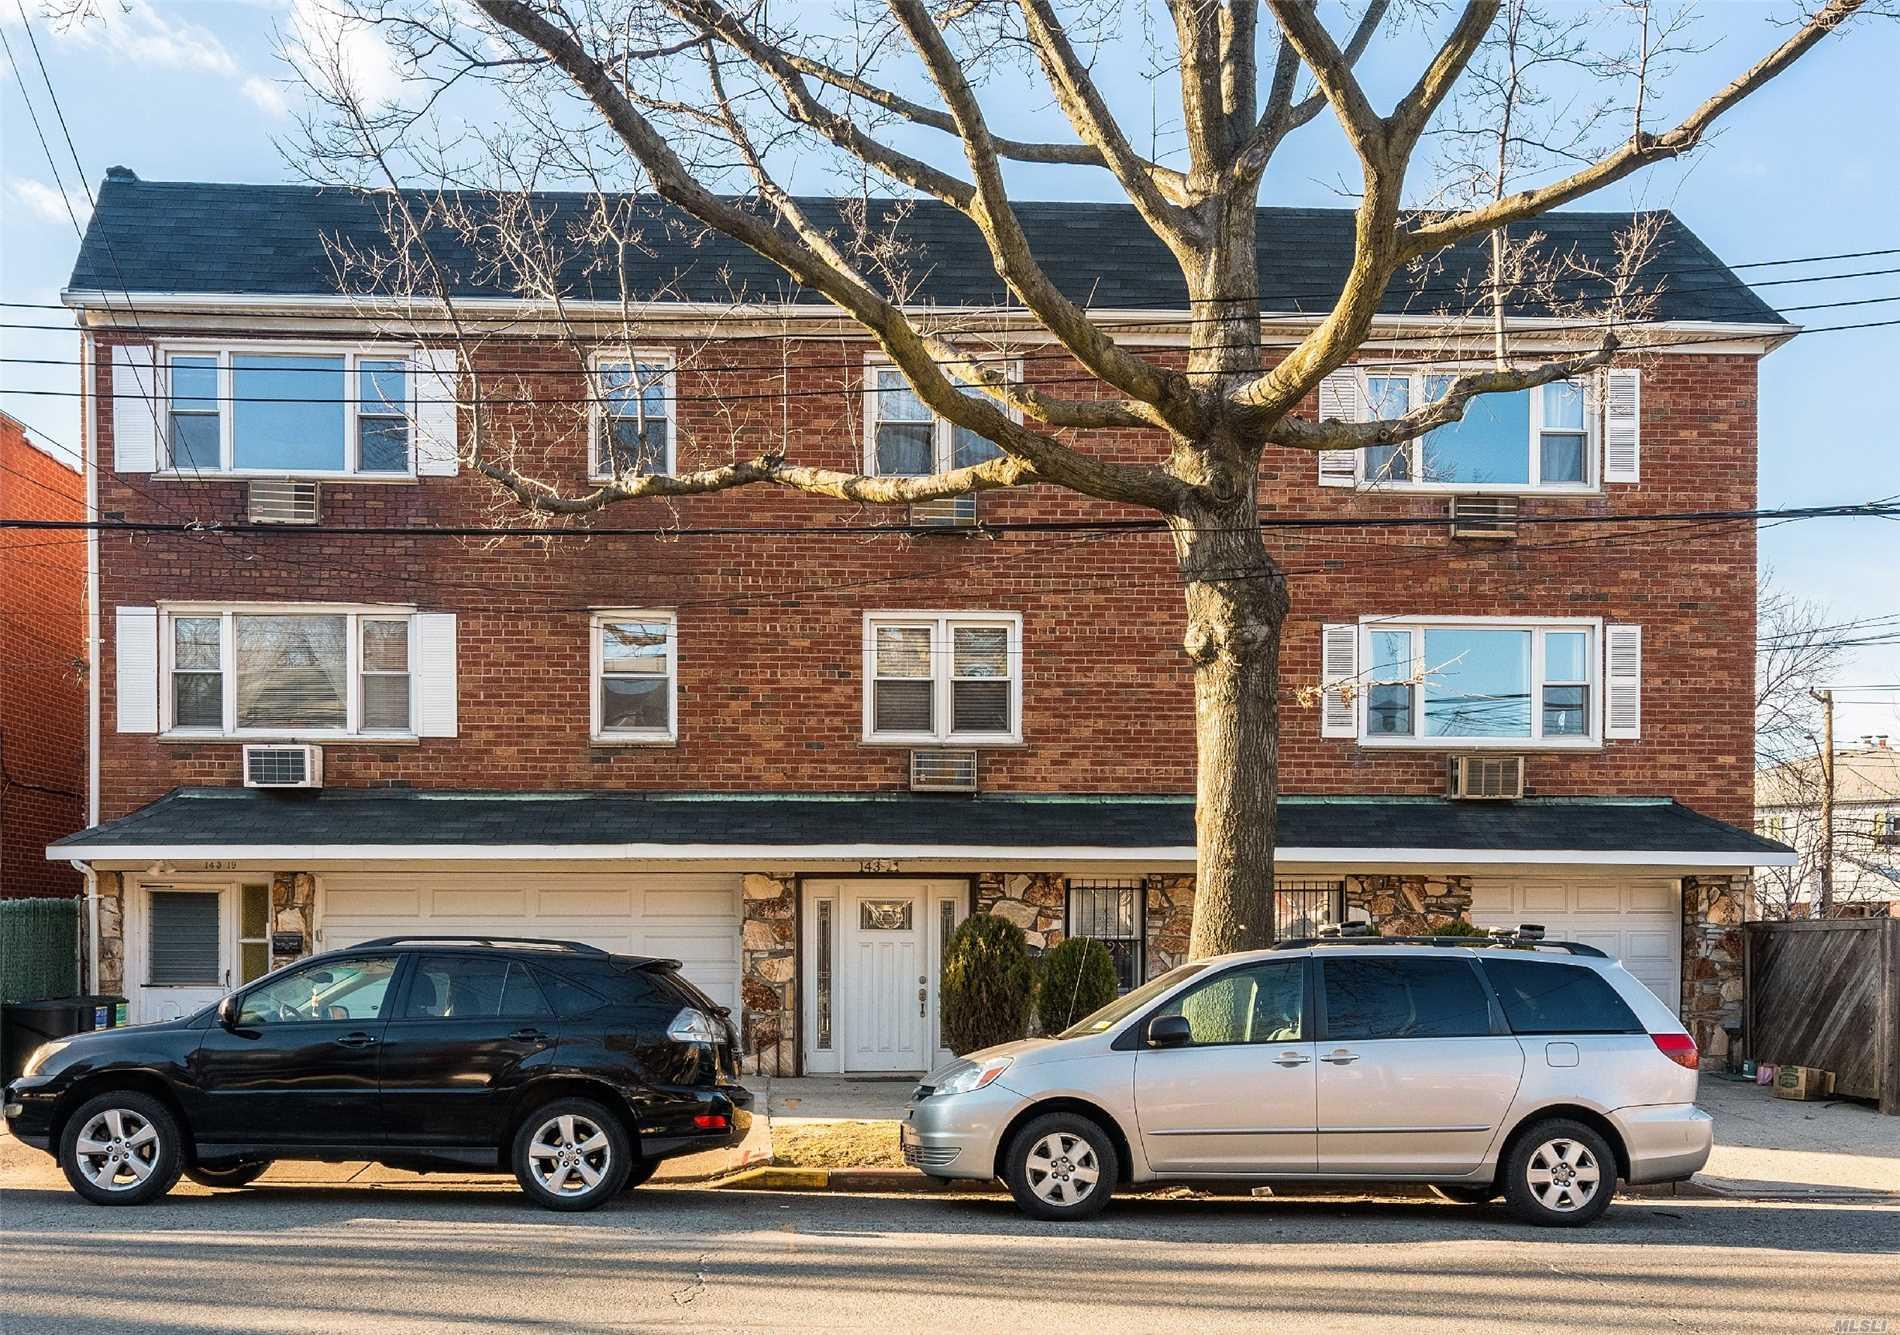 143-19 Willets Point Blvd Whitestone, NY 11357